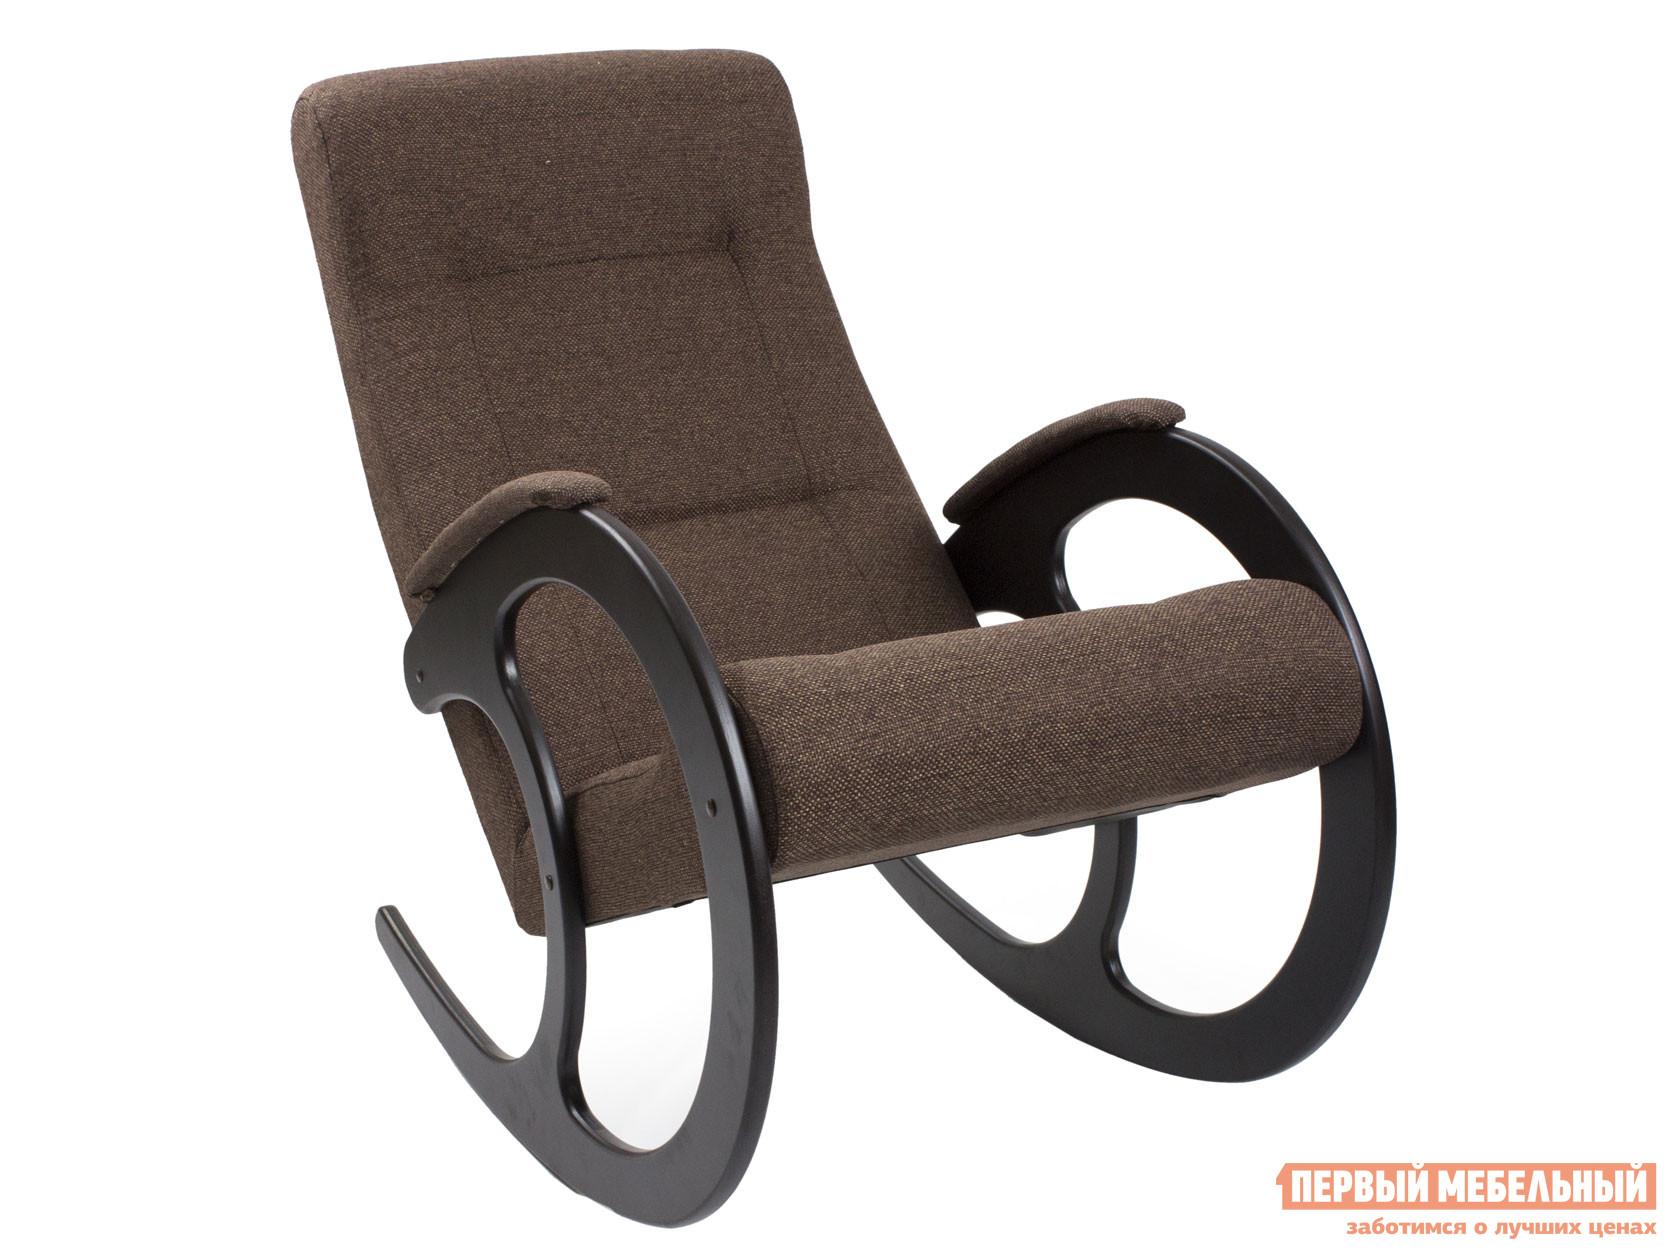 Кресло-качалка Мебель Импэкс Кресло-качалка Комфорт Модель 3 кресло качалка мебель импэкс кресло качалка складное белтех